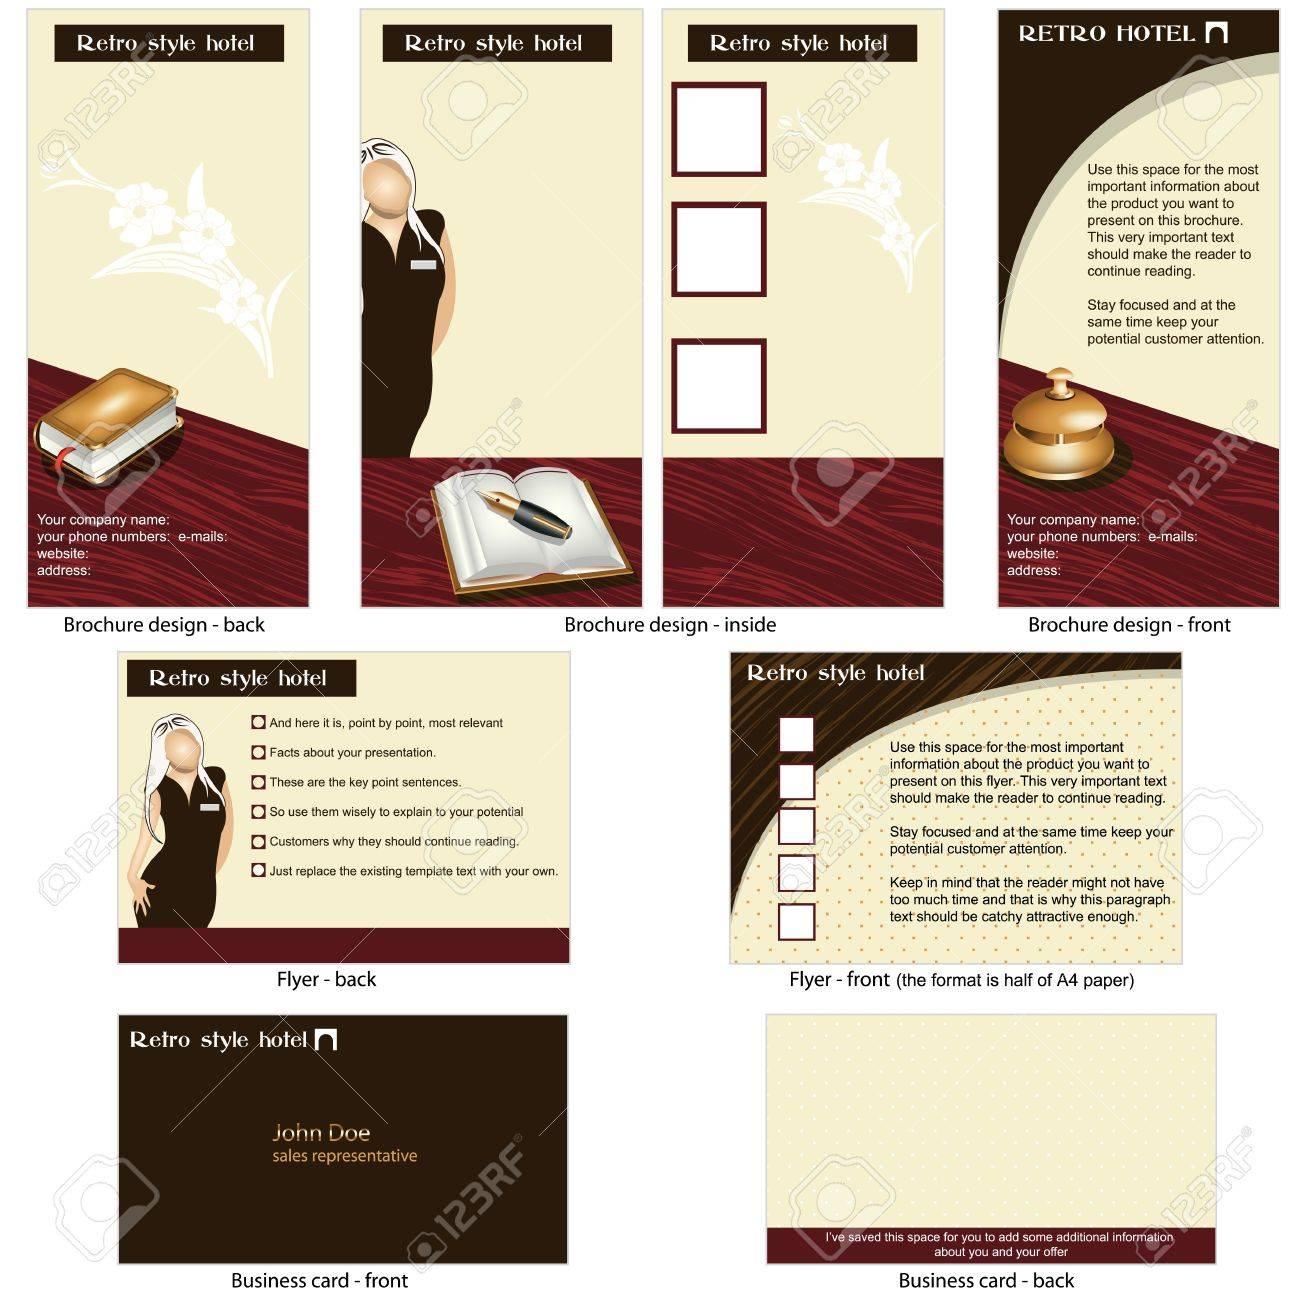 Hotel Retro Template Brochure Design CD Cover Design And – Retro Brochure Template